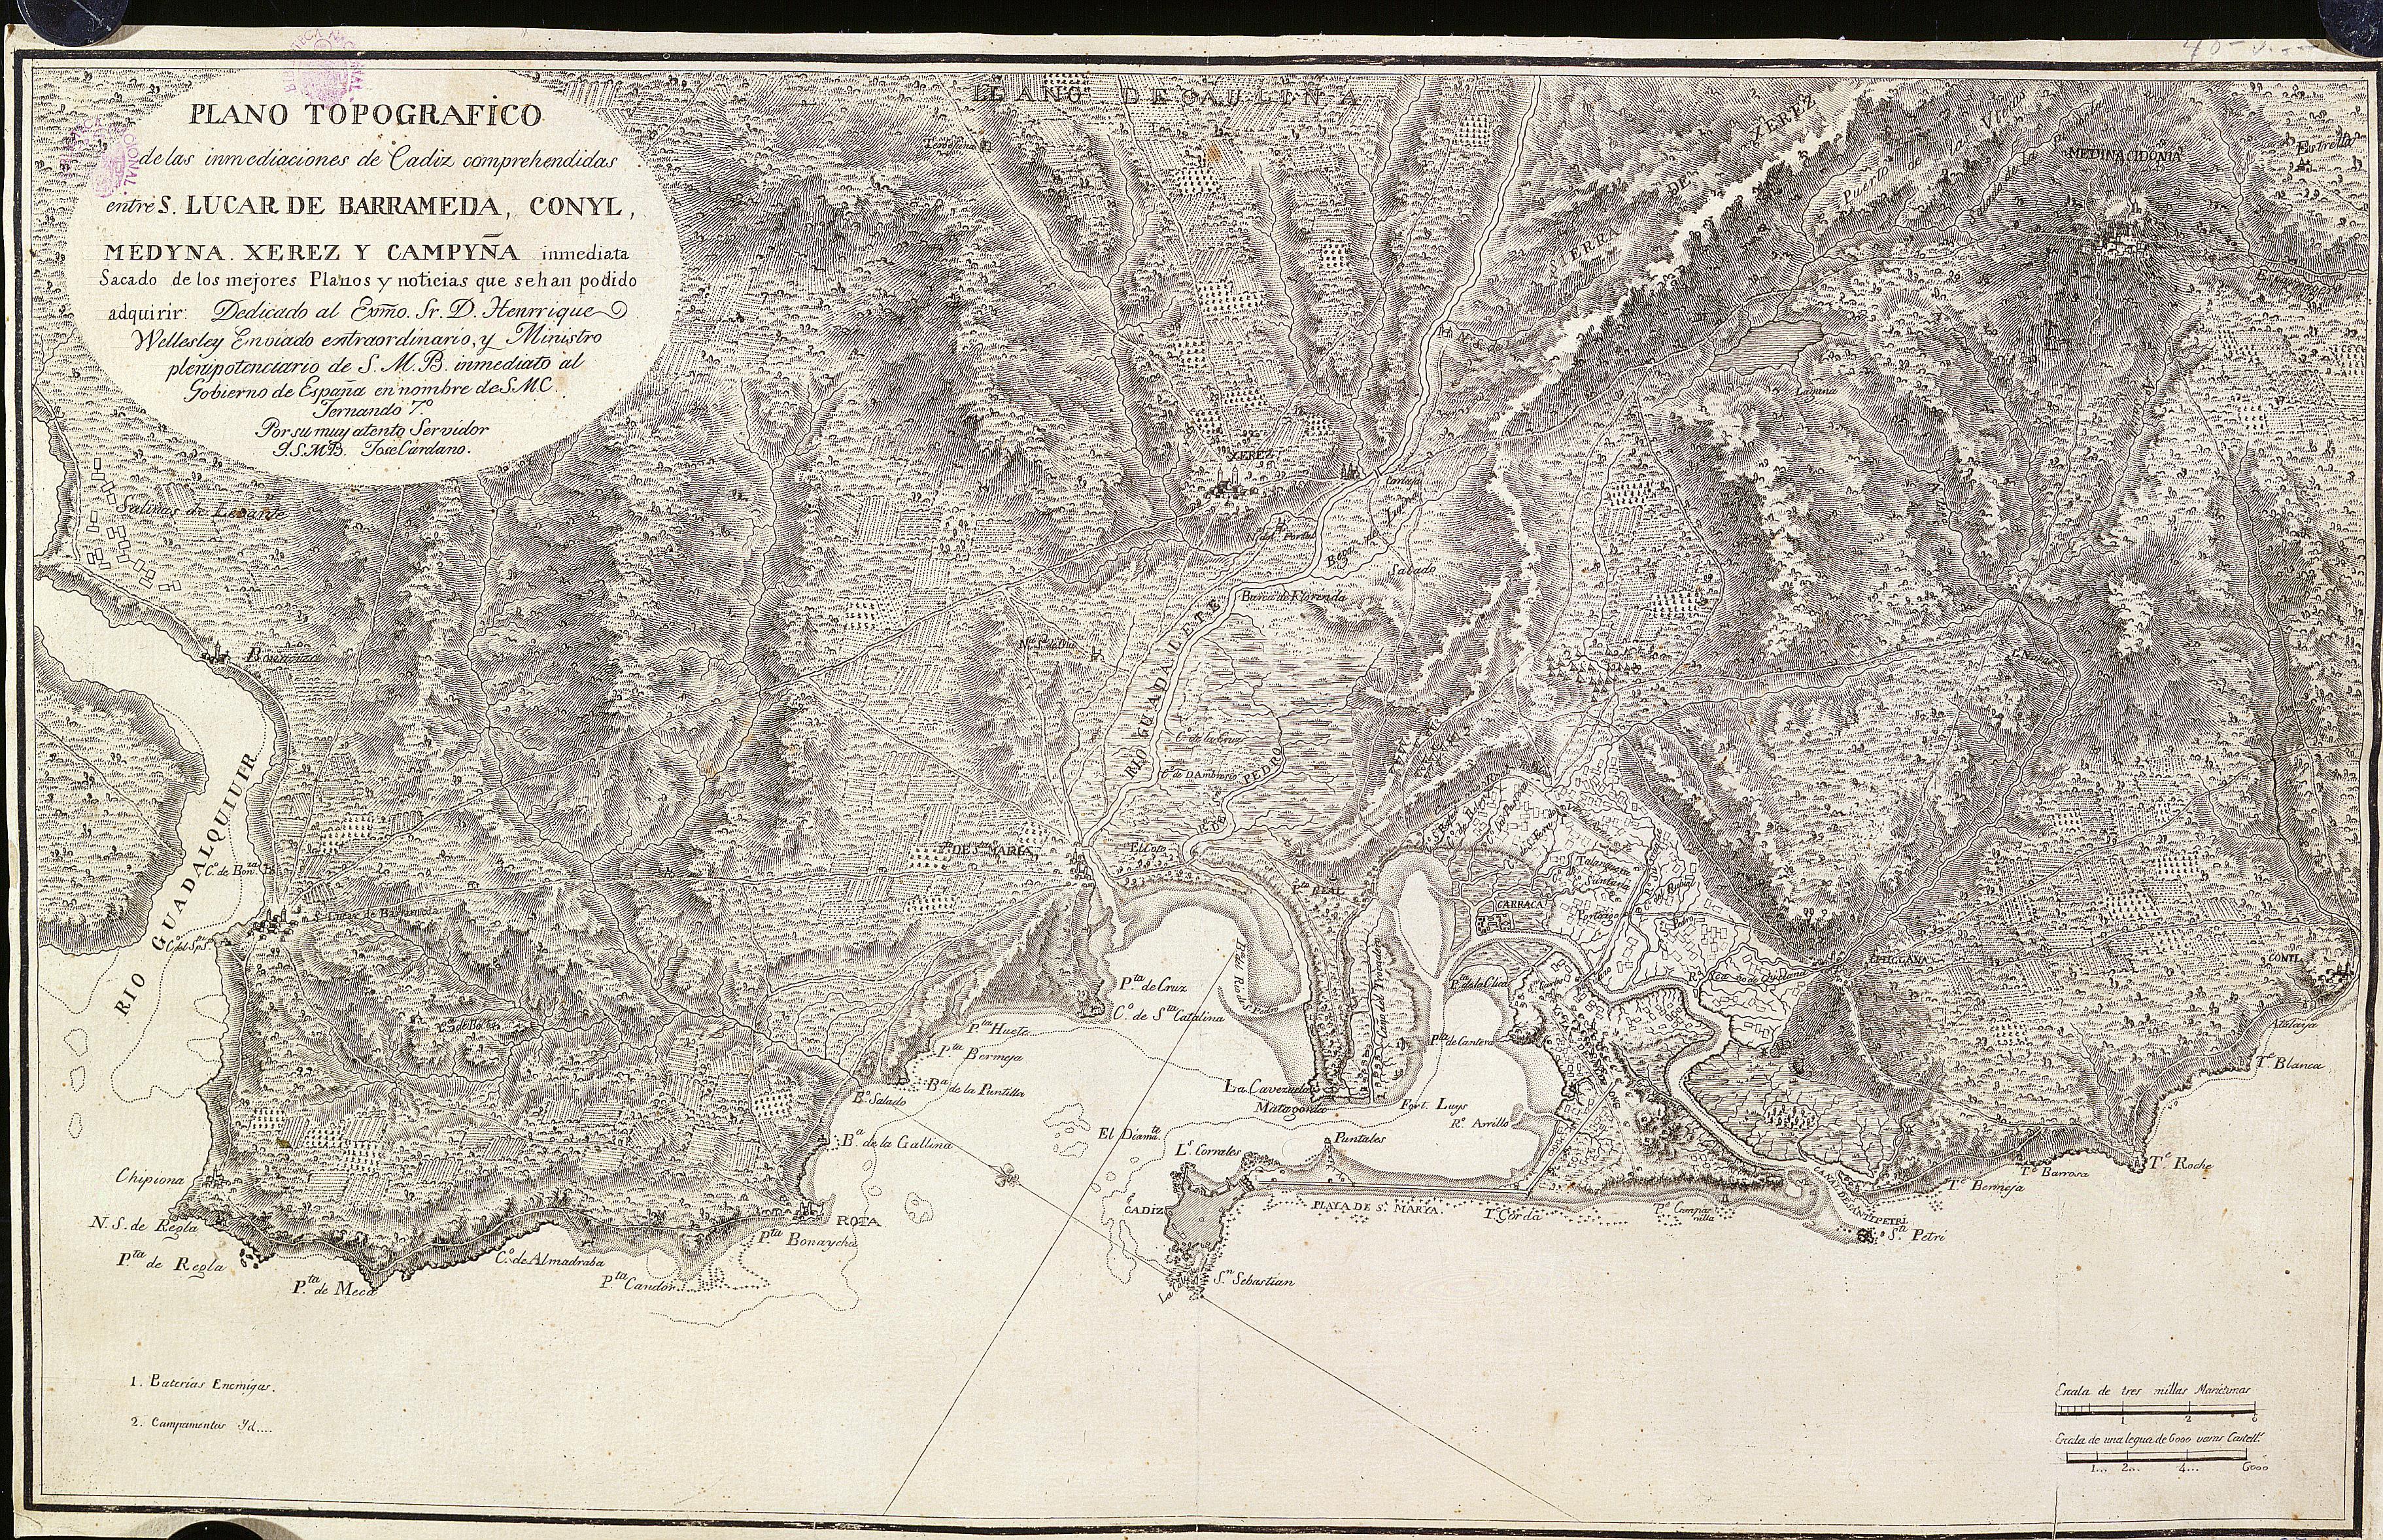 Plano topográfico de Cádiz 1809